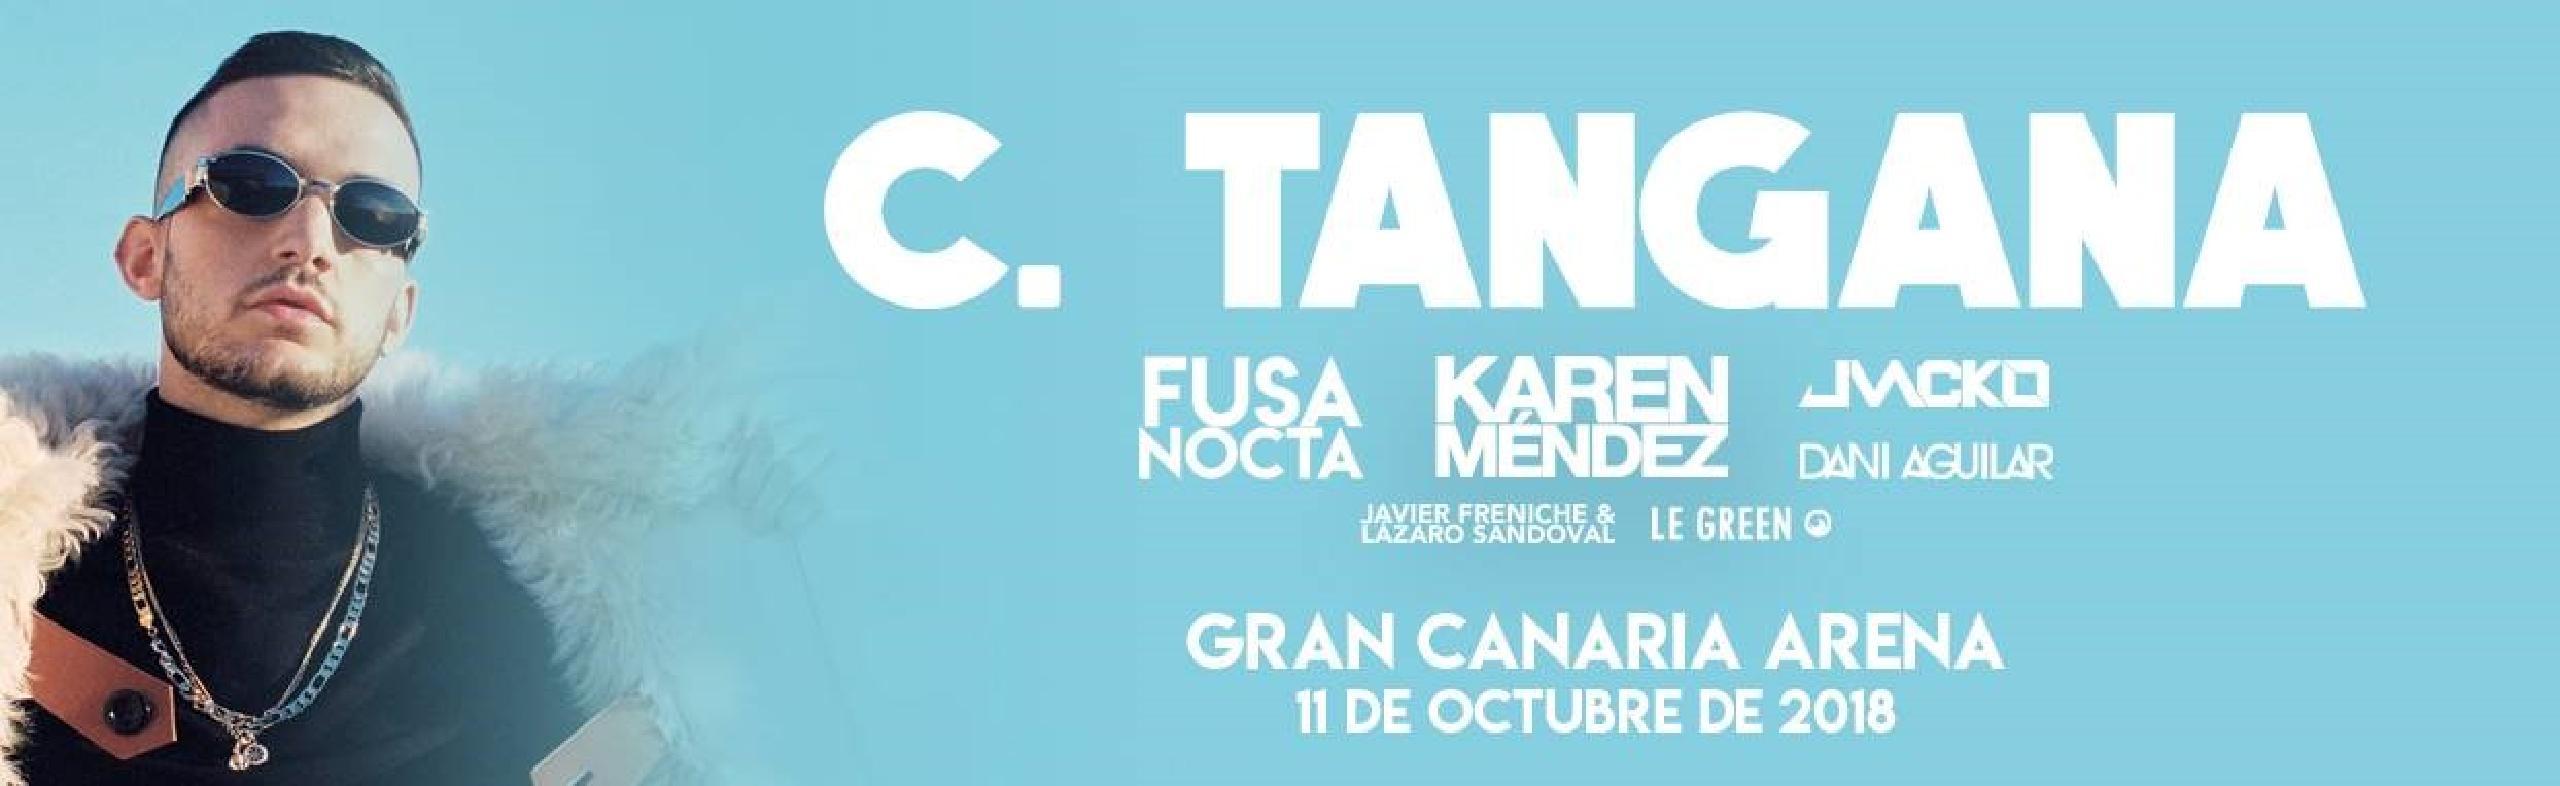 C Tangana Wegow Las Palmas